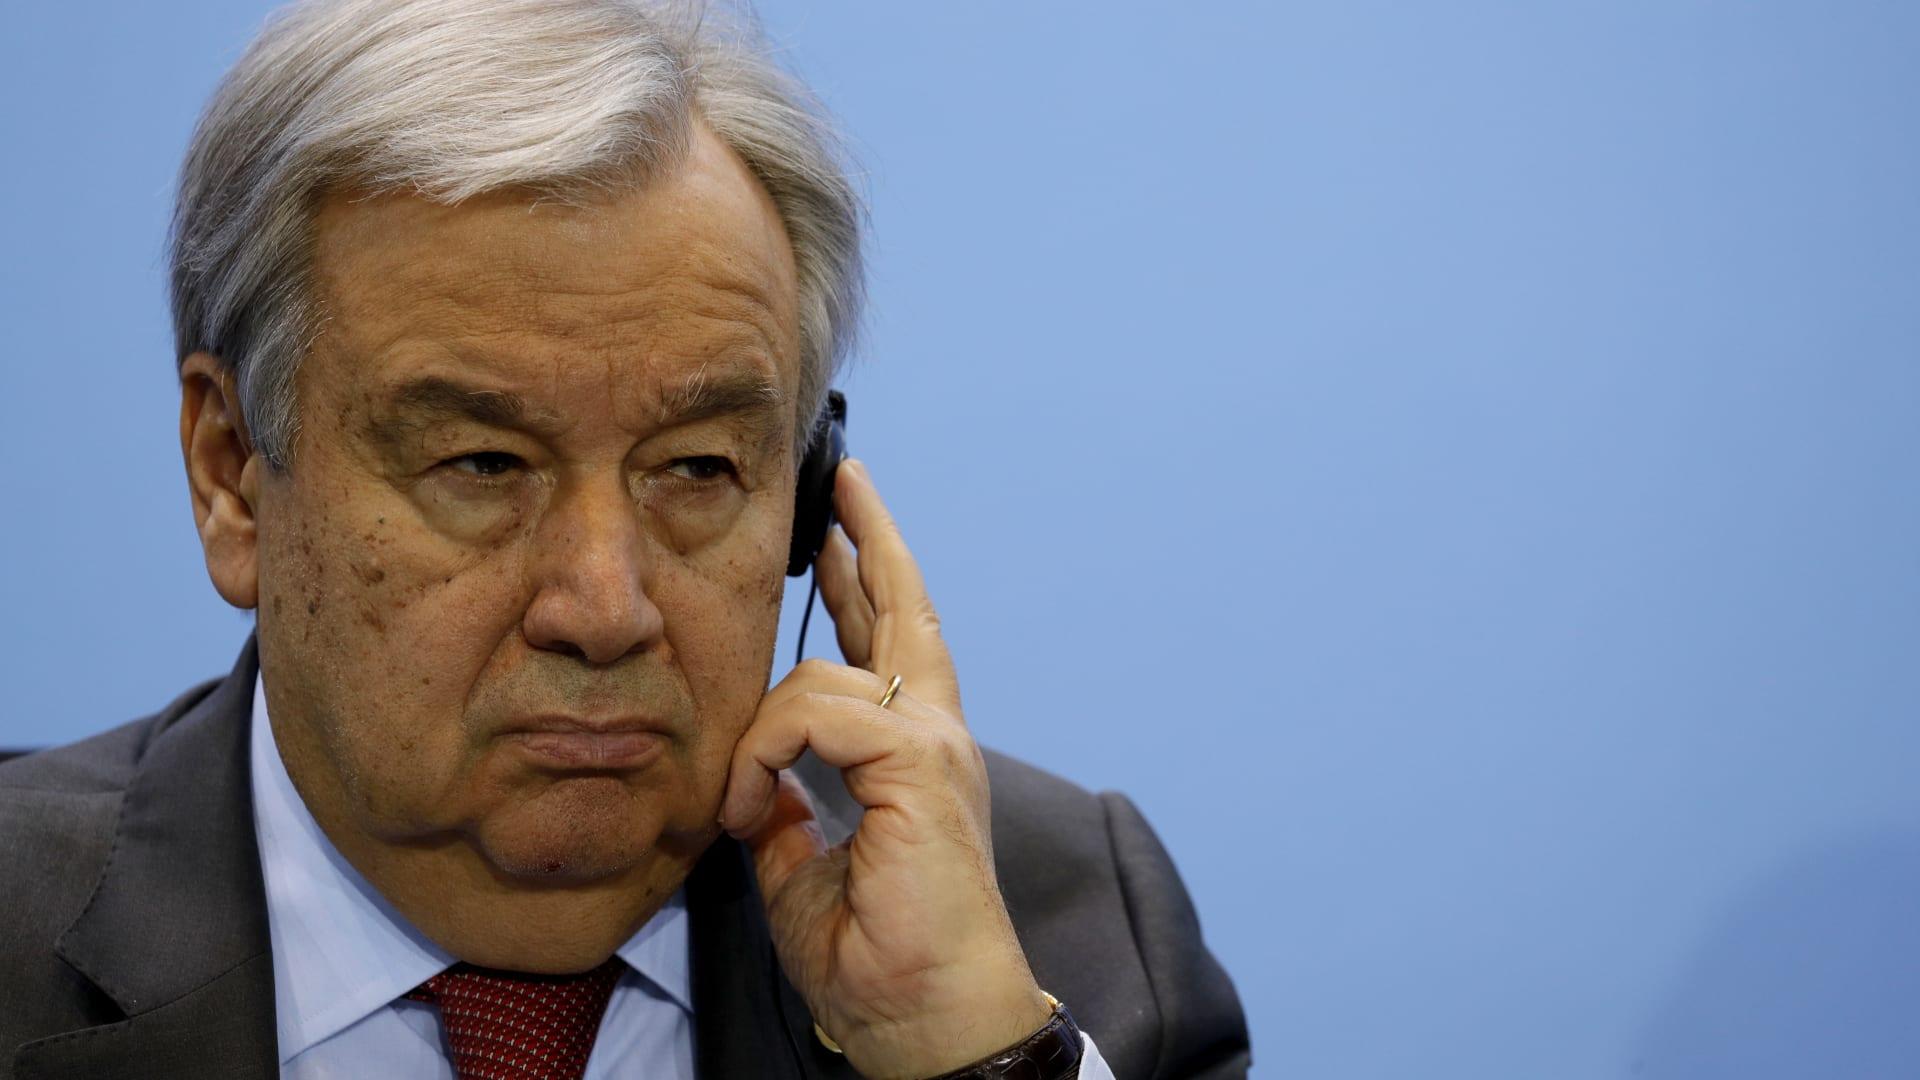 قضية اغتيال الحريري.. الأمين العام للأمم المتحدة يعلق على الأحكام بحق سليم عياش